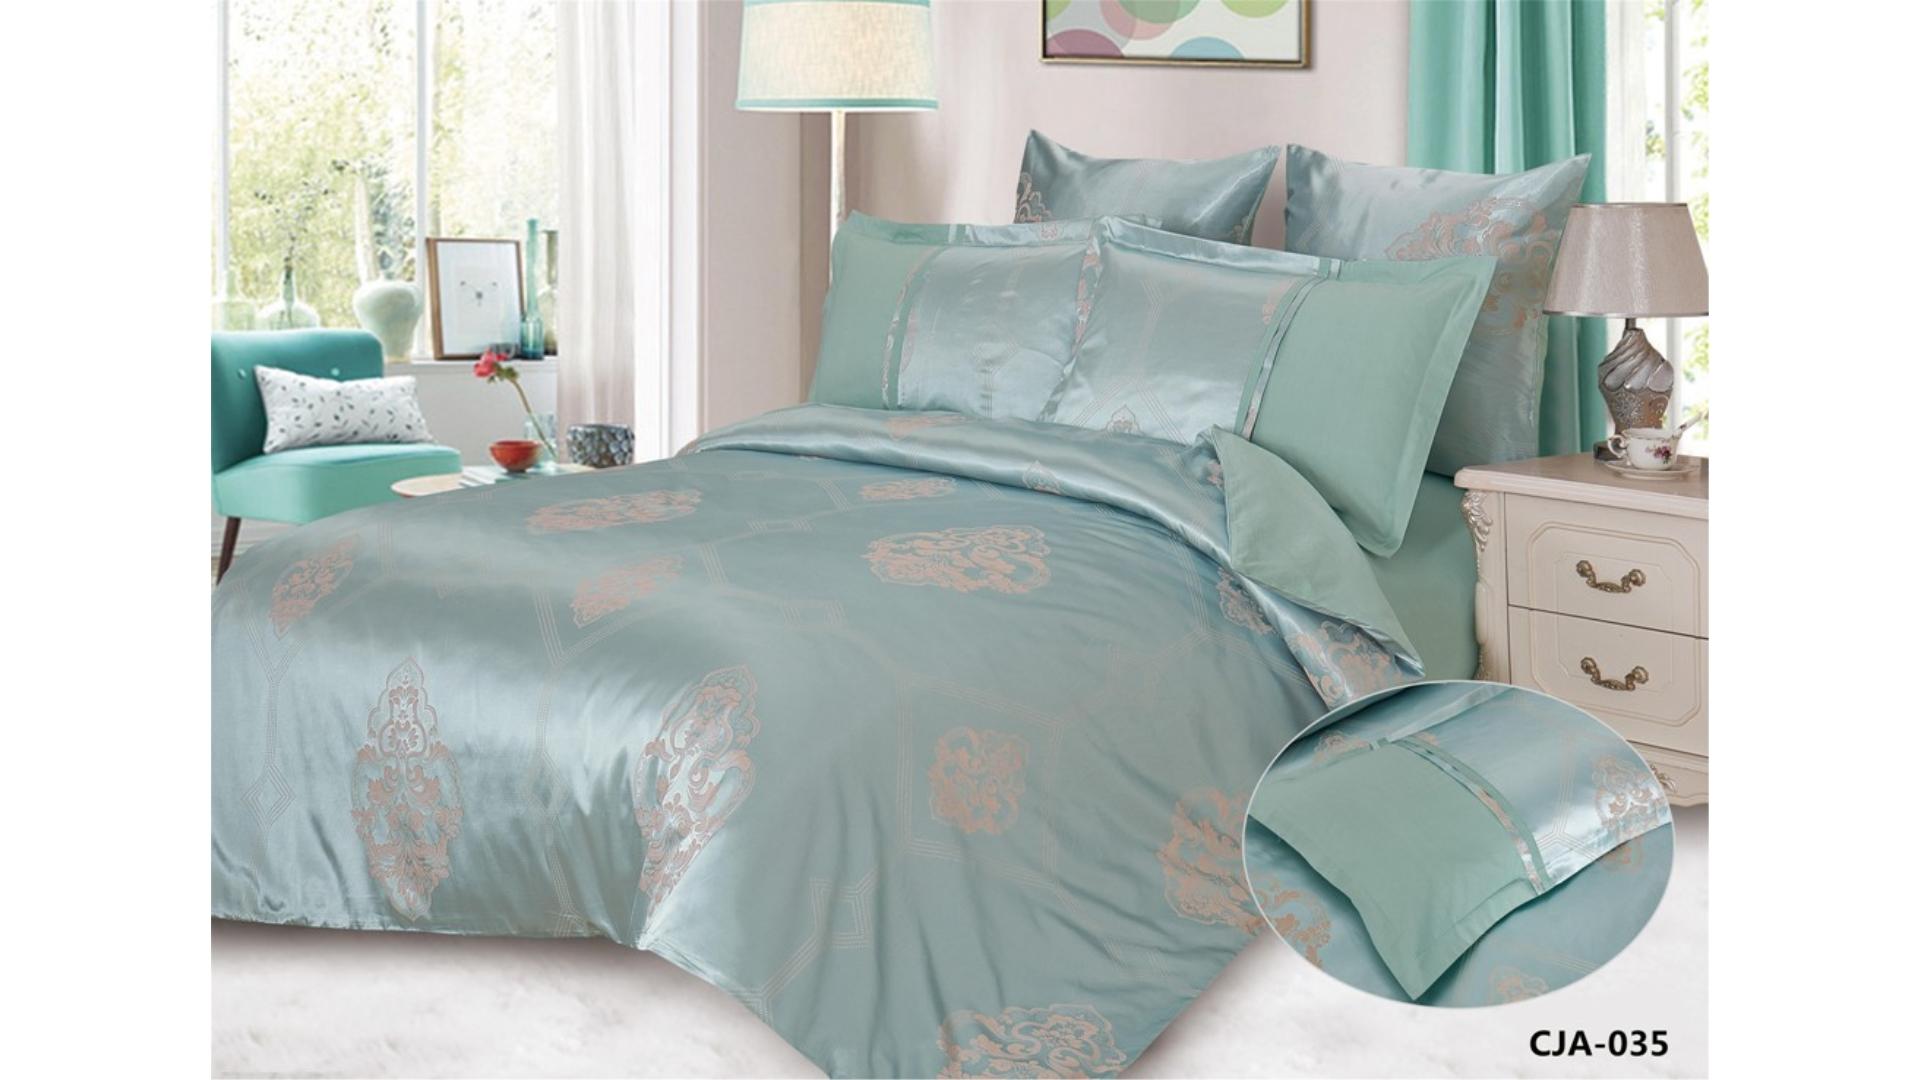 Комплект постельного белья AlViTek (CJA-035) фото FullHD (0)